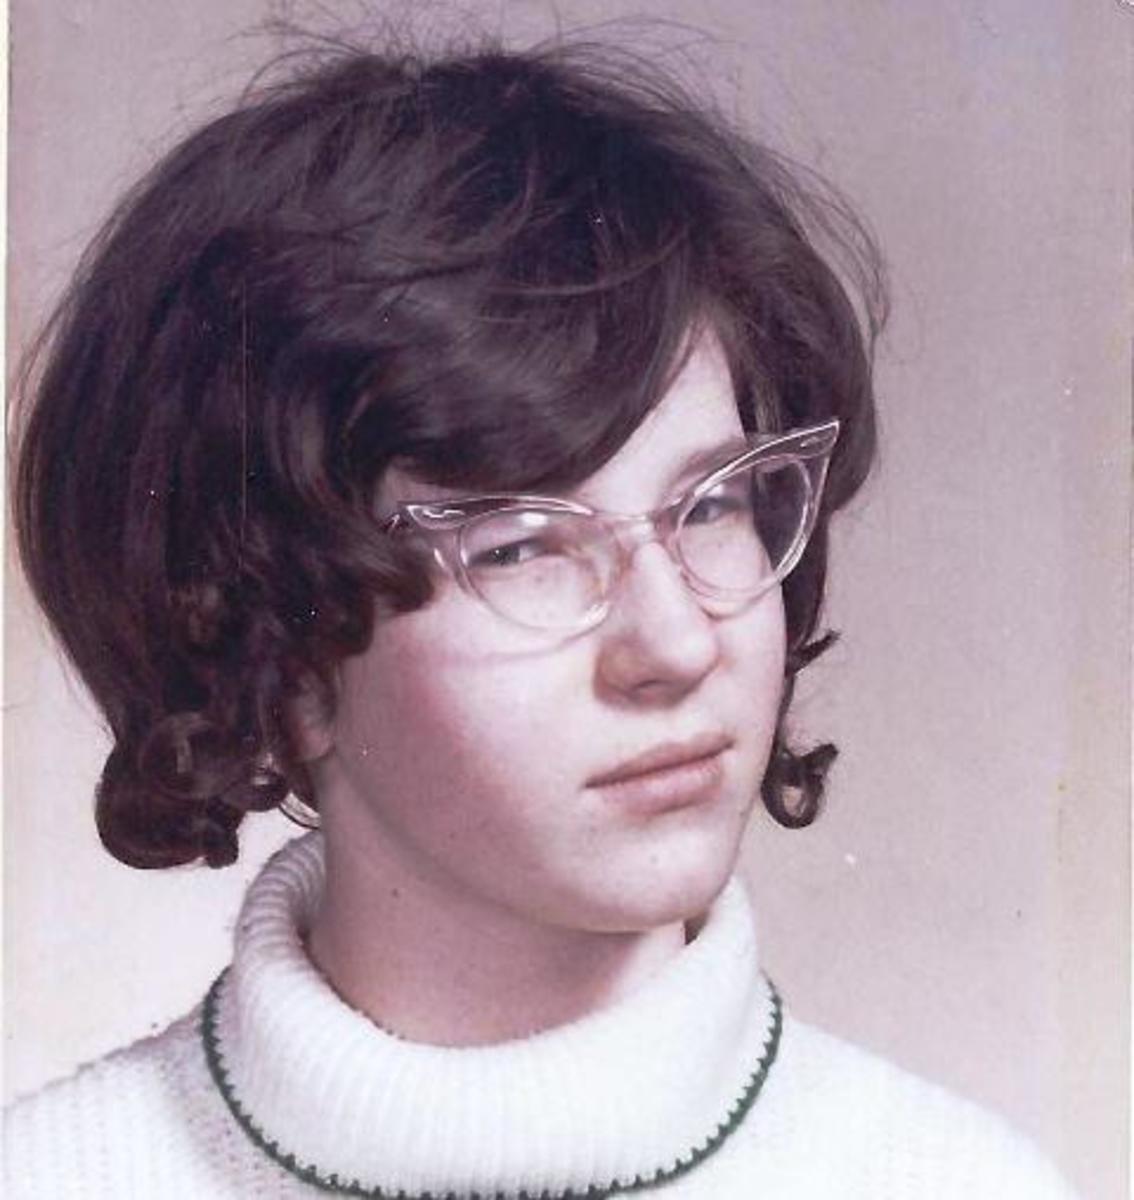 me around 15 or 16